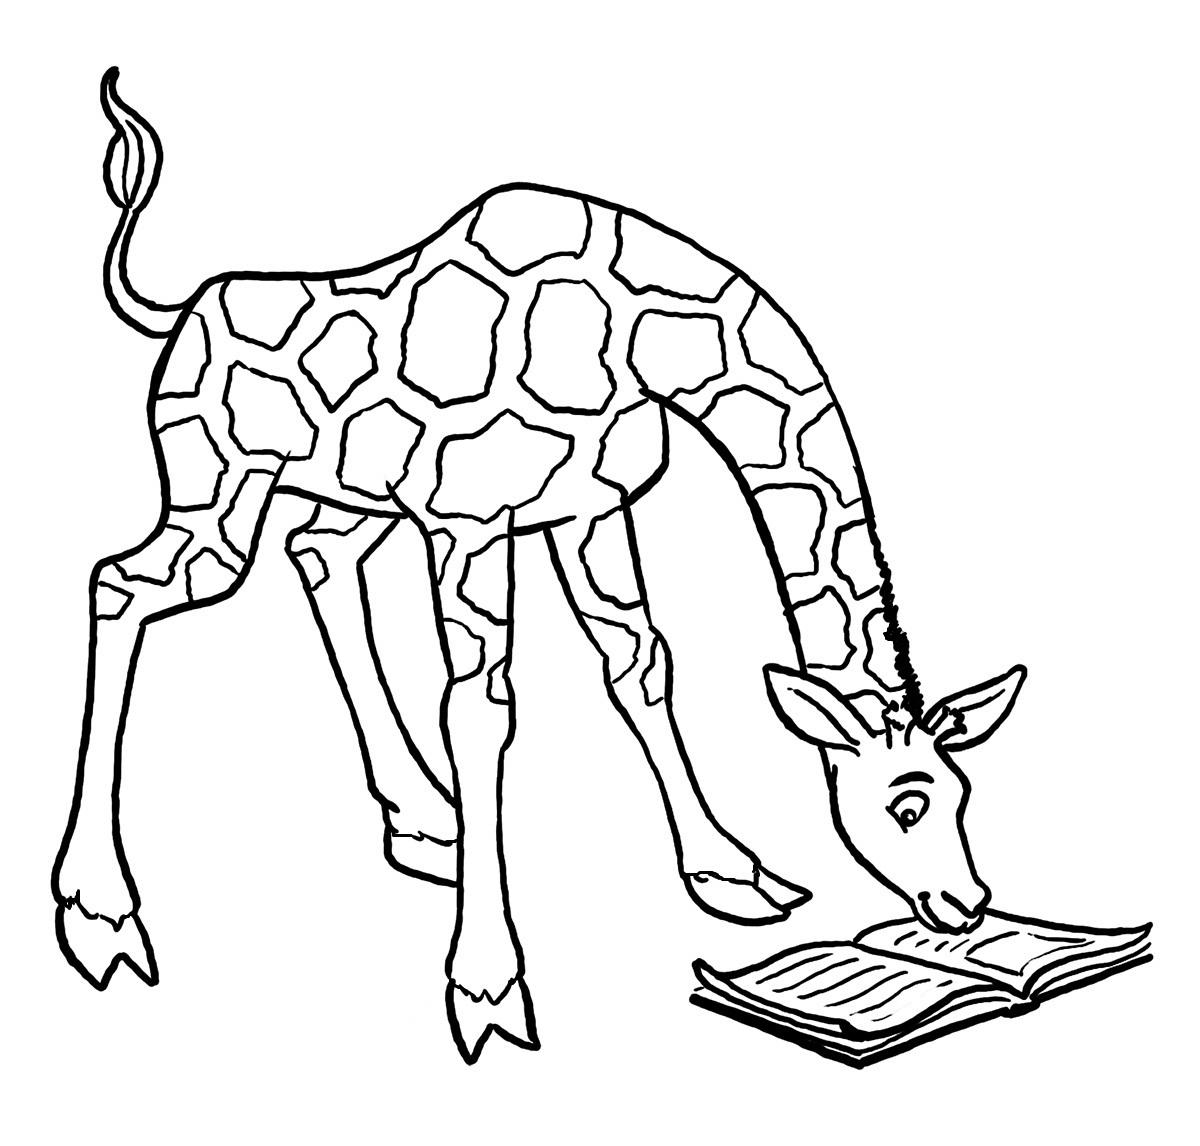 1200x1146 seeing giraffes books giraffes pinterest kids net and giraffe - Giraffe Pictures To Color